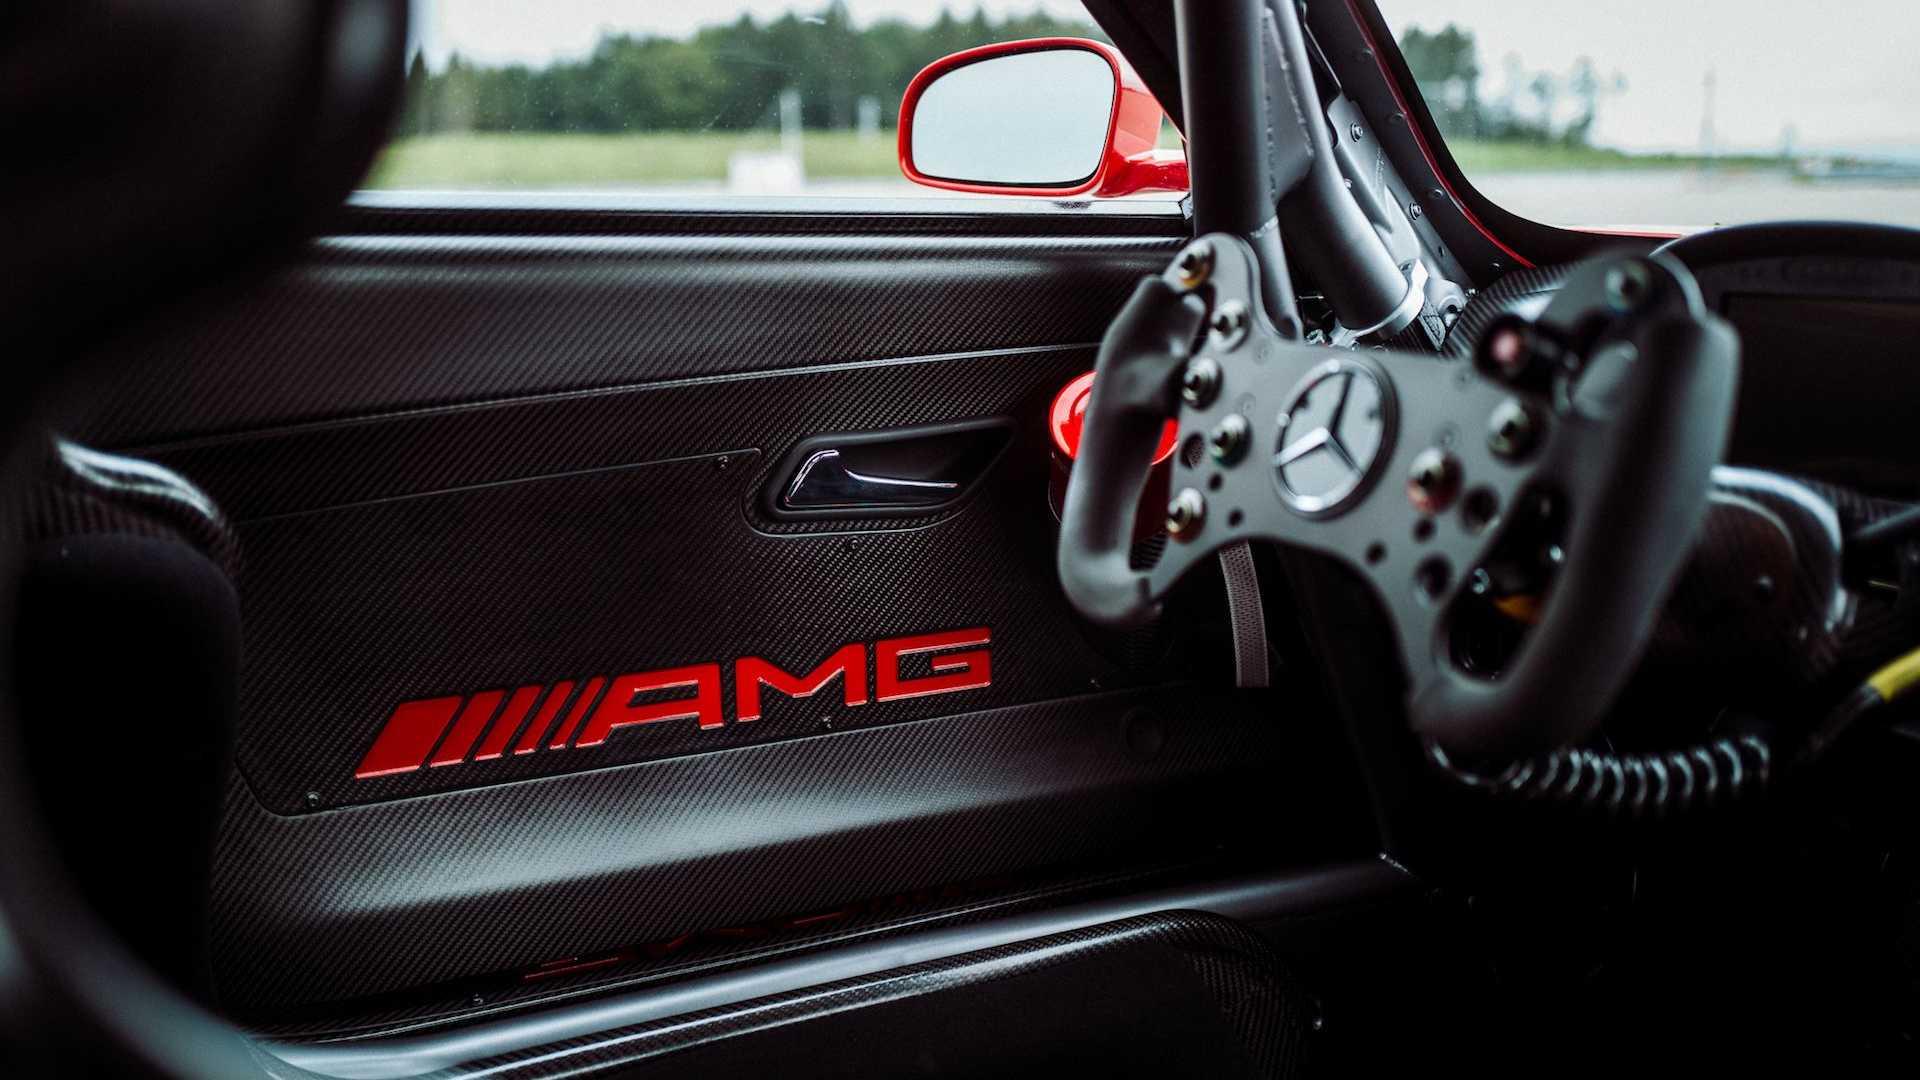 مرسيدس AMG - ريد بيج